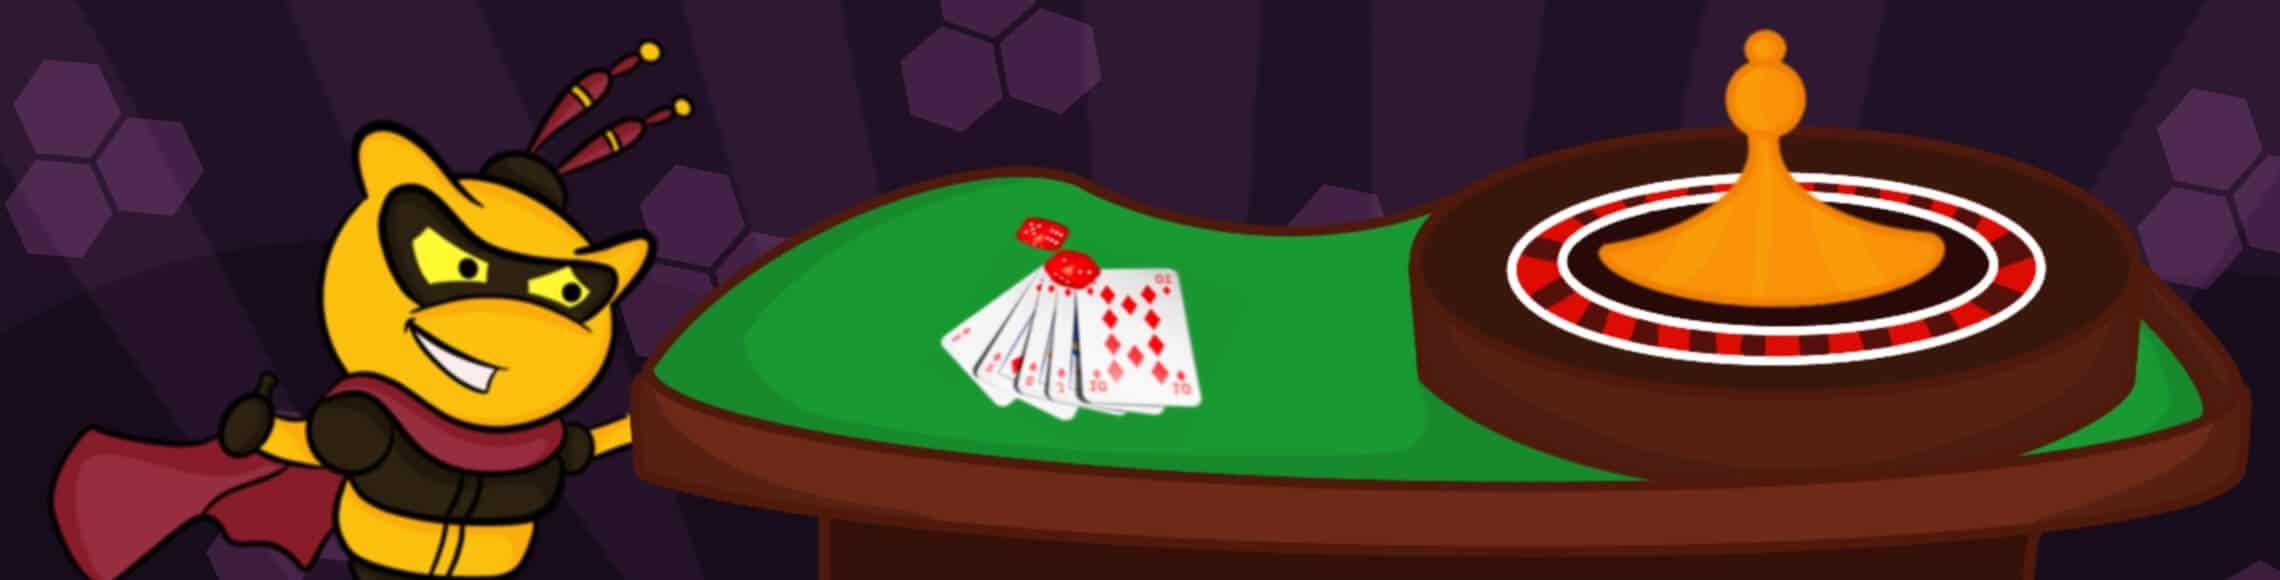 Blackjack sider